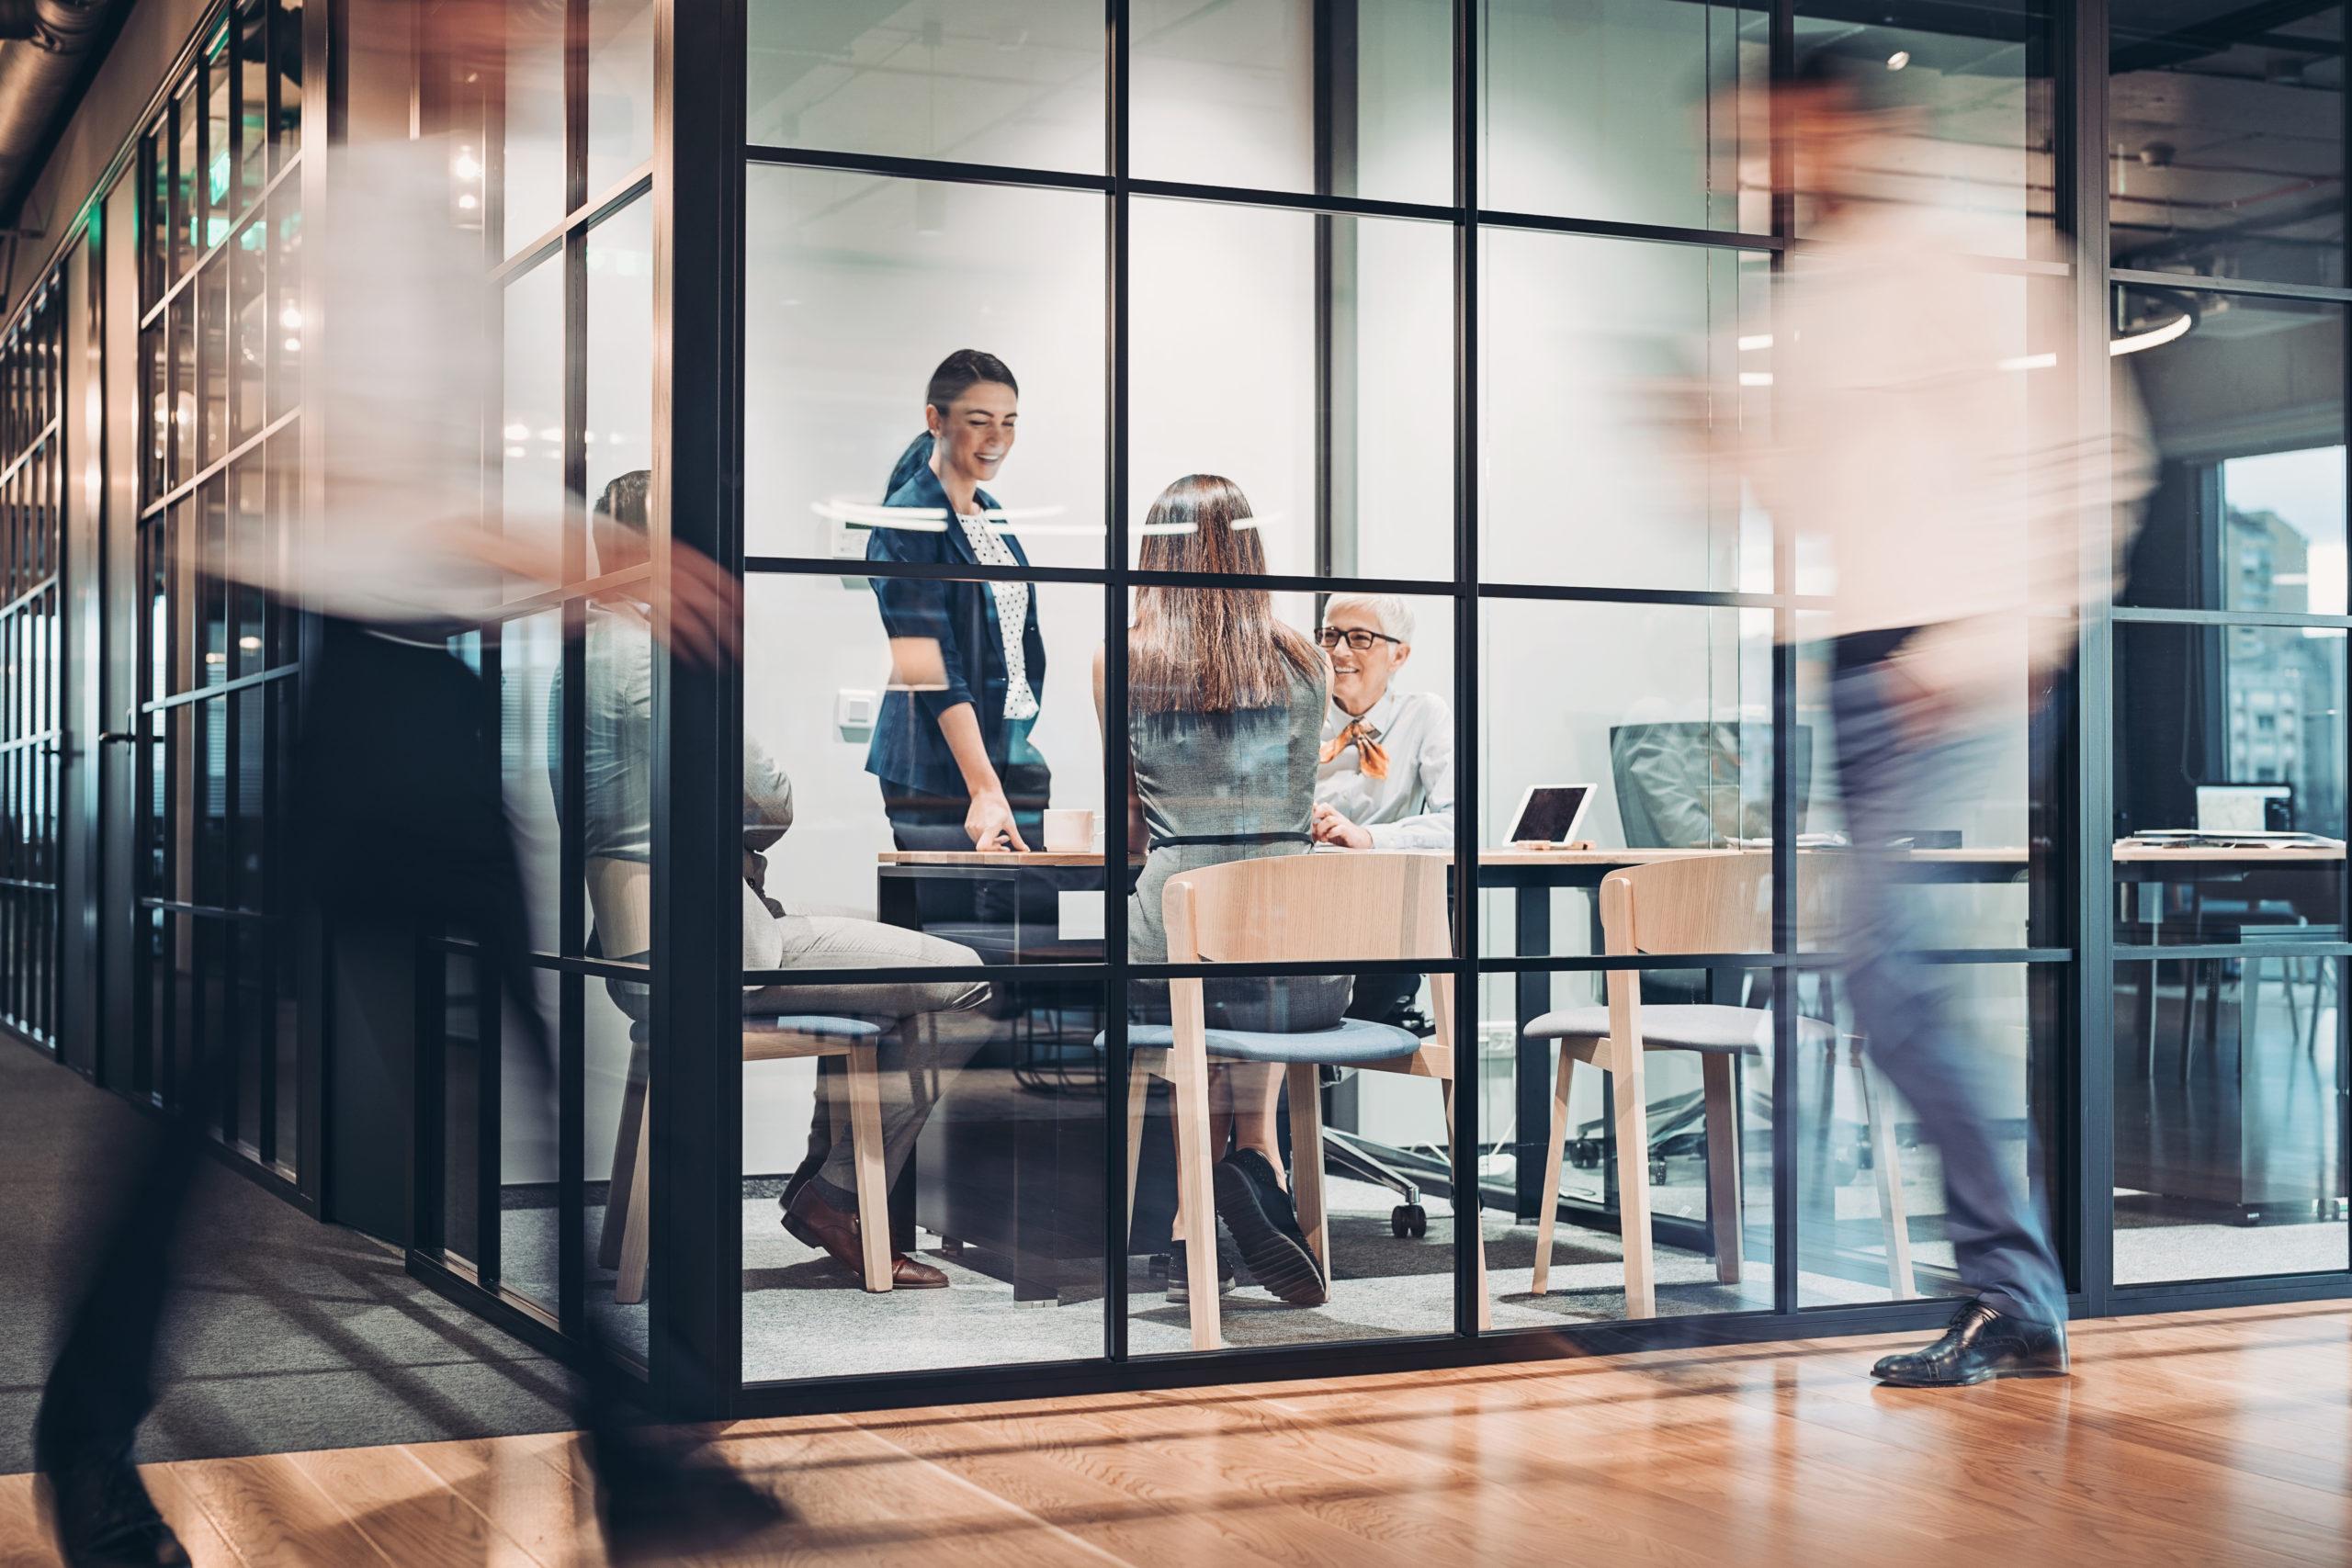 Positieve gebouwbeleving zorgt voor hogere klanttevredenheid